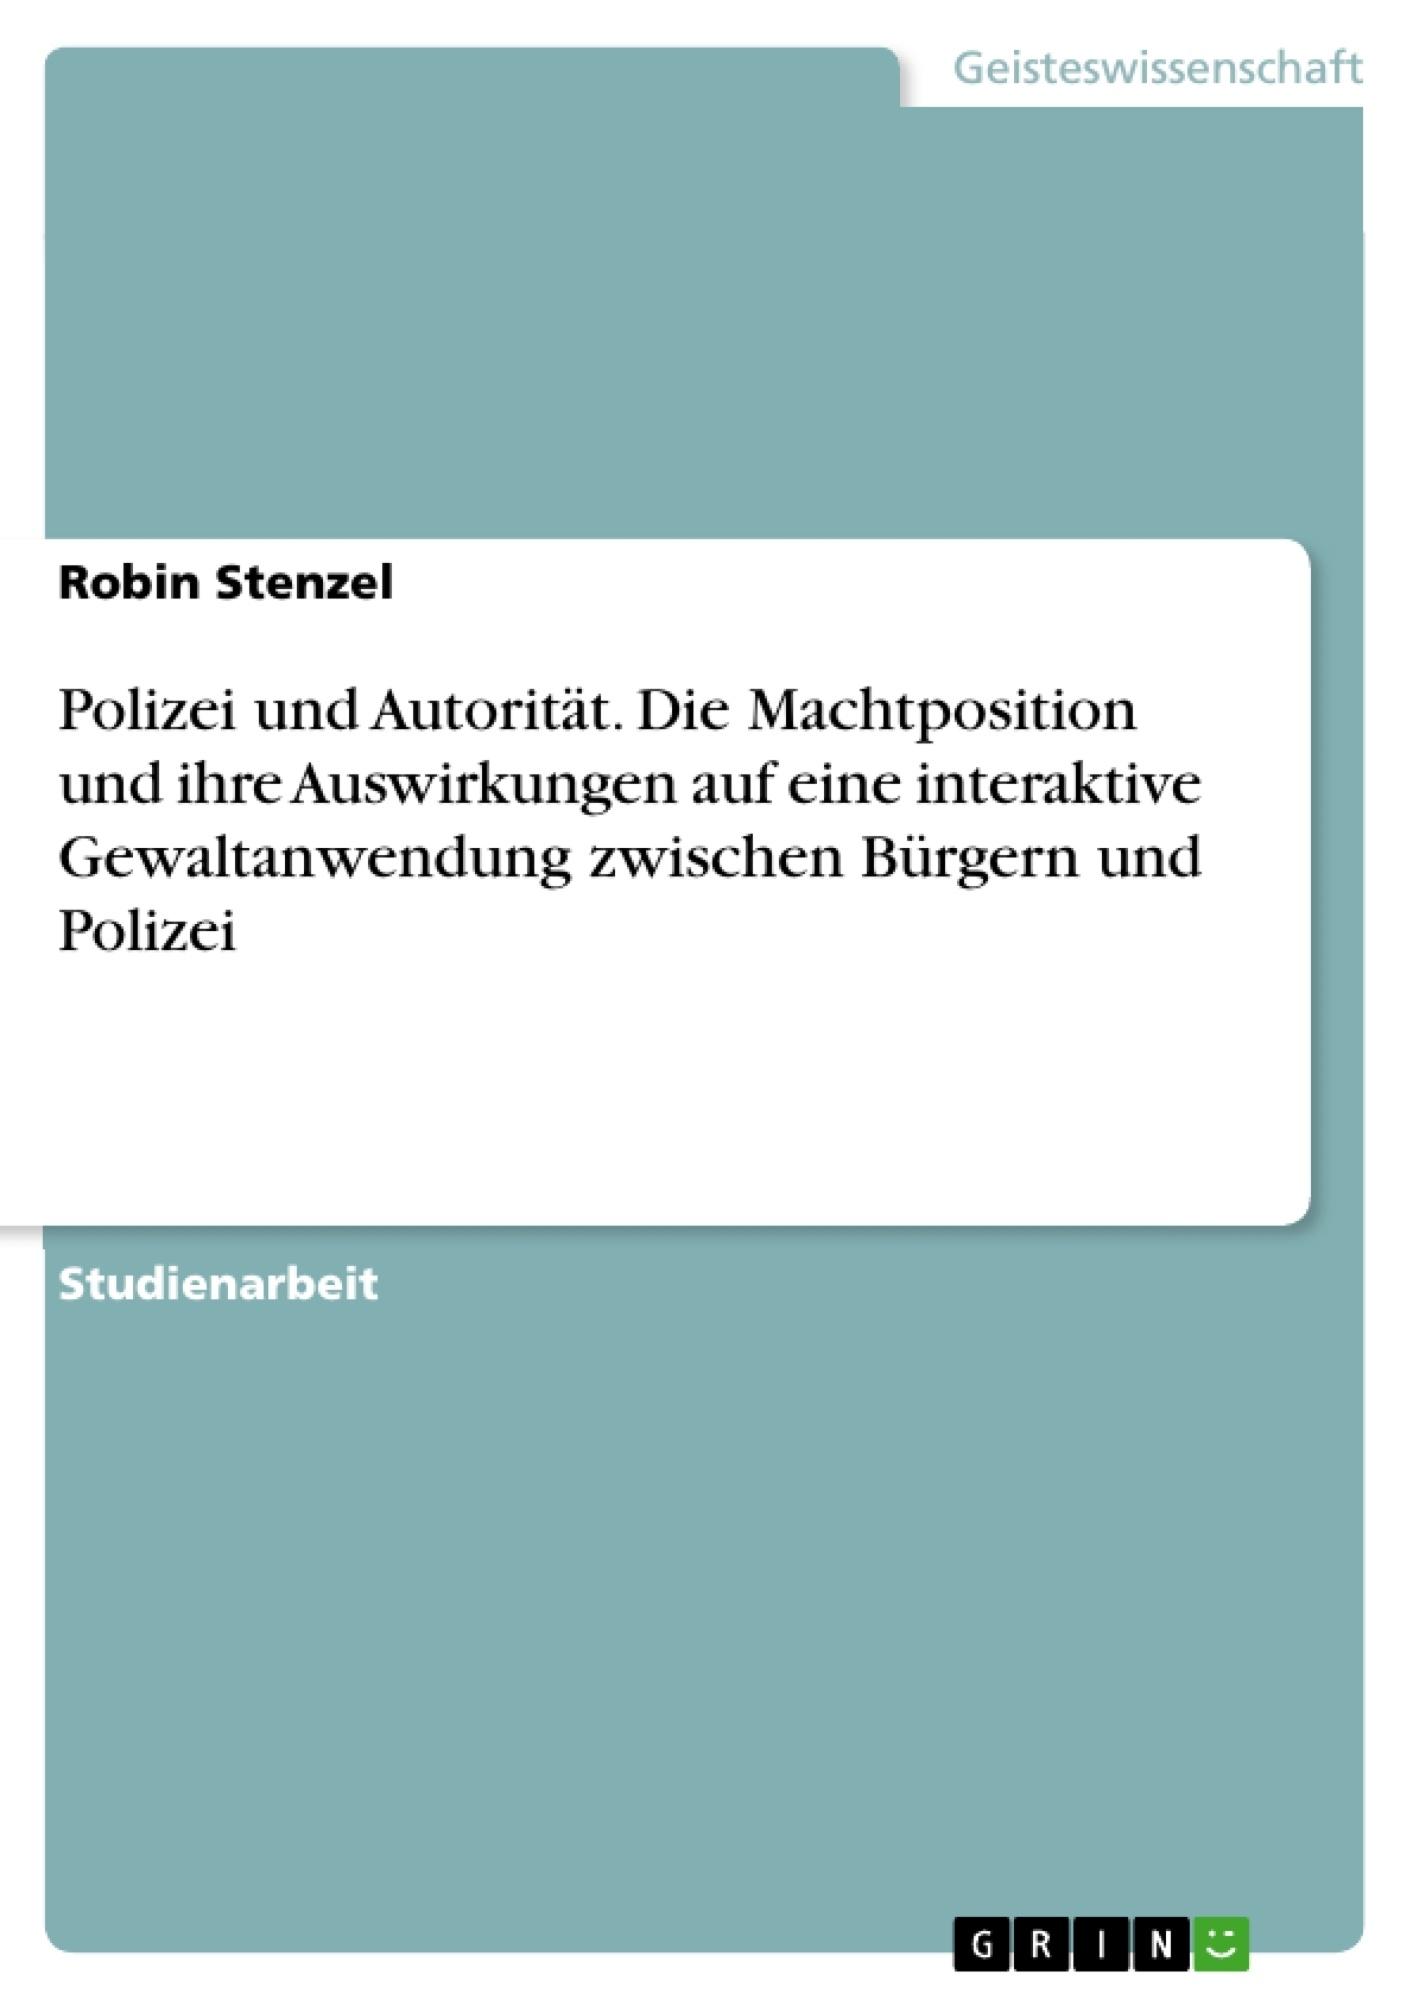 Titel: Polizei und Autorität. Die Machtposition und ihre Auswirkungen auf eine interaktive Gewaltanwendung zwischen Bürgern und Polizei